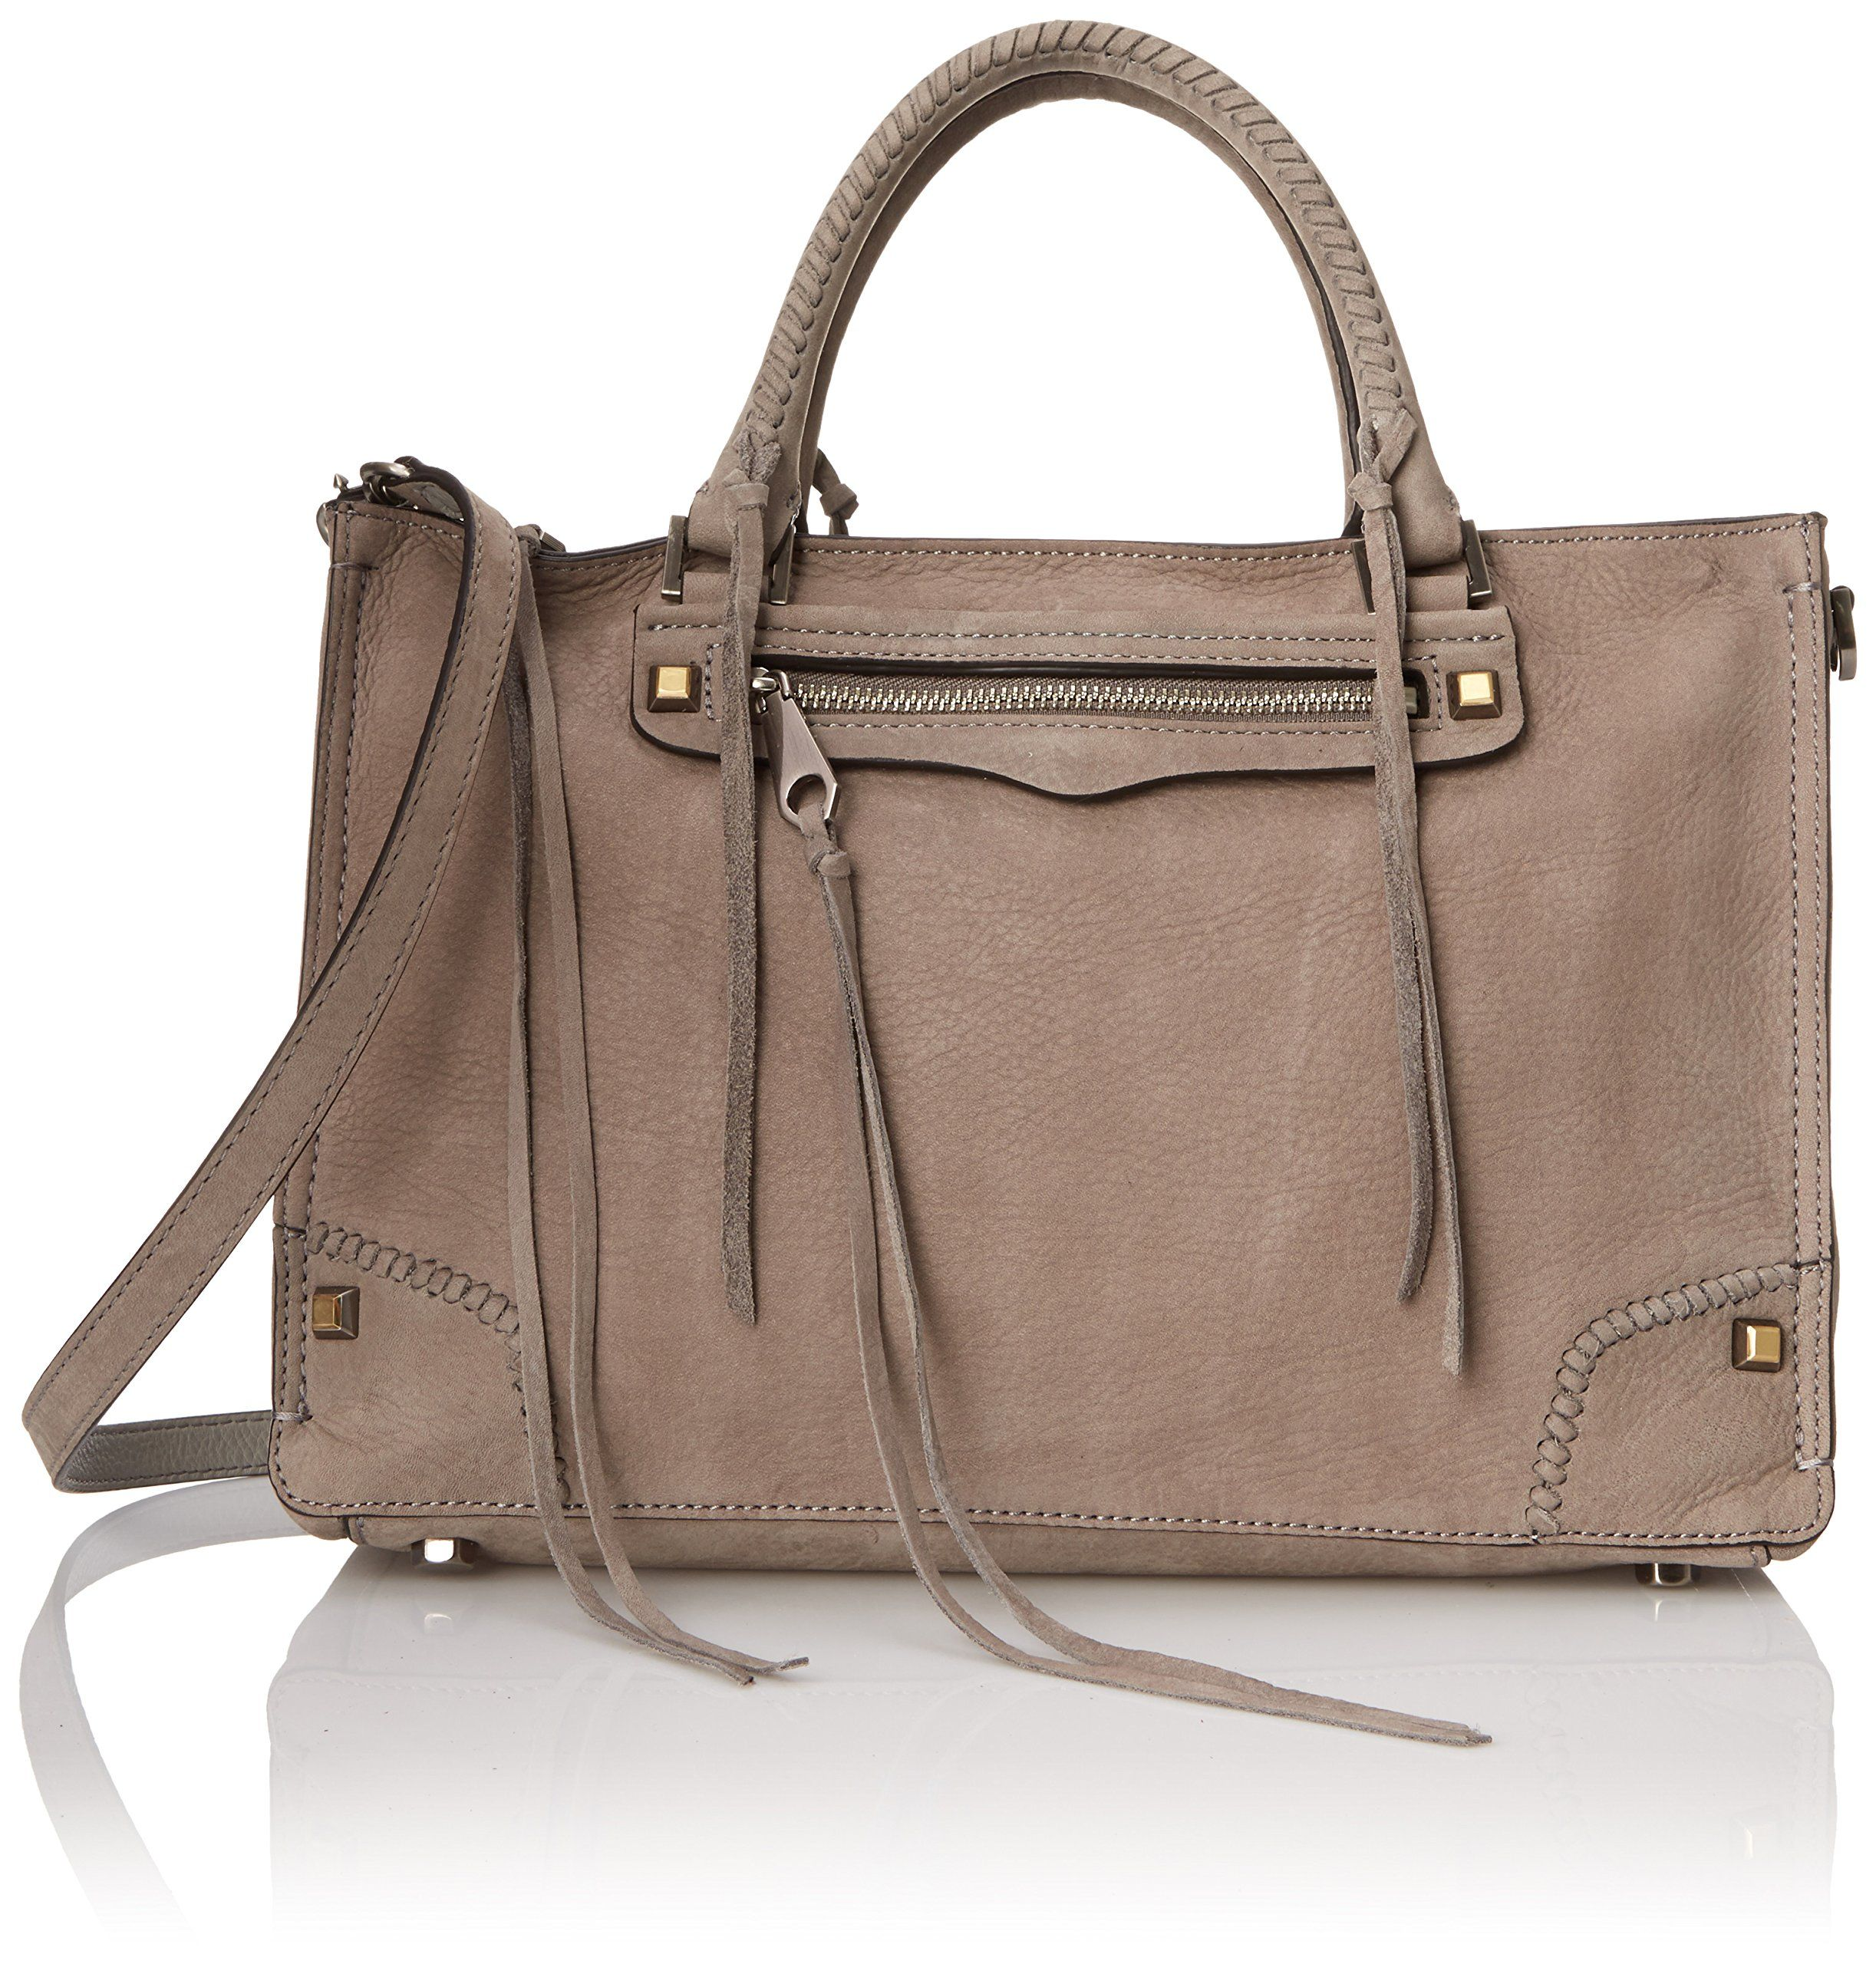 Amazon.com  Rebecca Minkoff Regan Satchel Top Handle Bag 253b304ff3e66